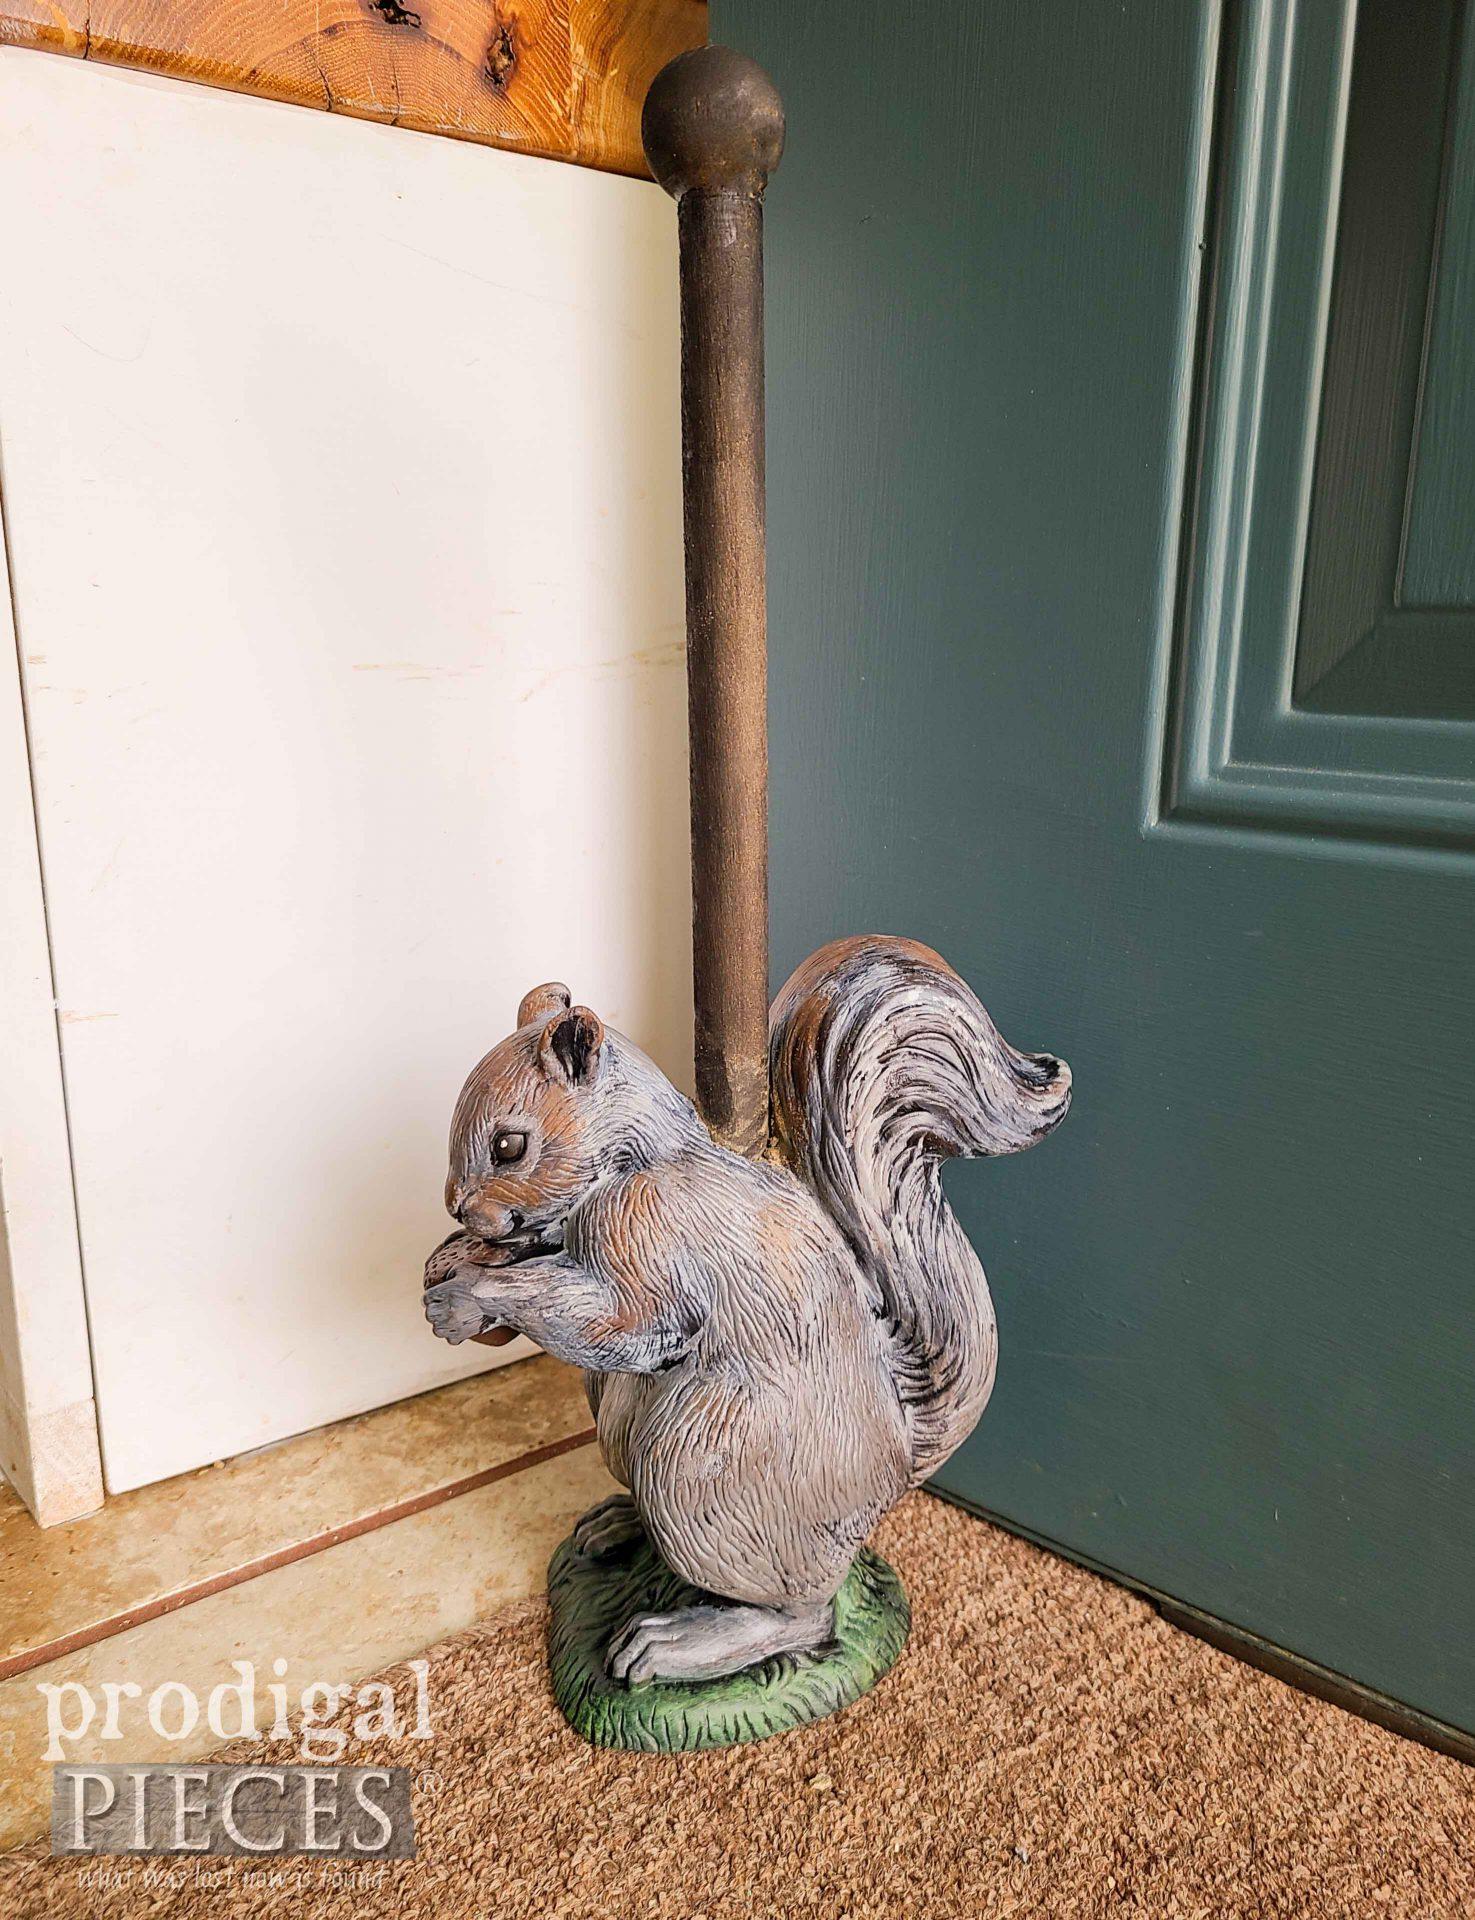 Rustic Gray Squirrel Doorstop by Larissa of Prodigal Pieces | prodigalpieces.com #prodigalpieces #handmade #home #homedecor #diy